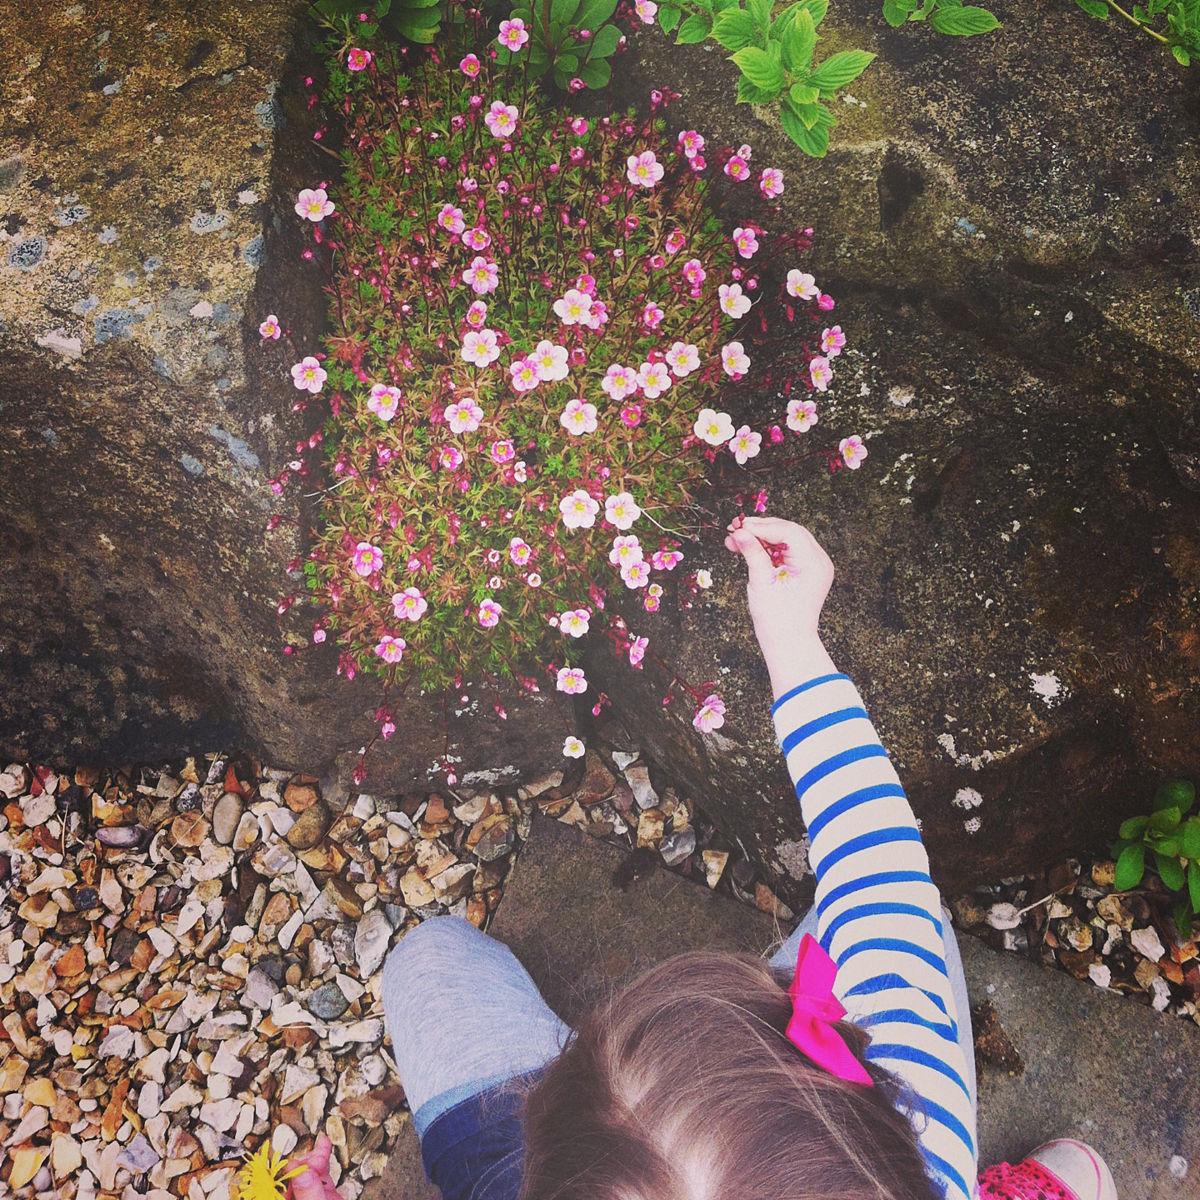 亲近大自然的孩子伸出鲜花图片